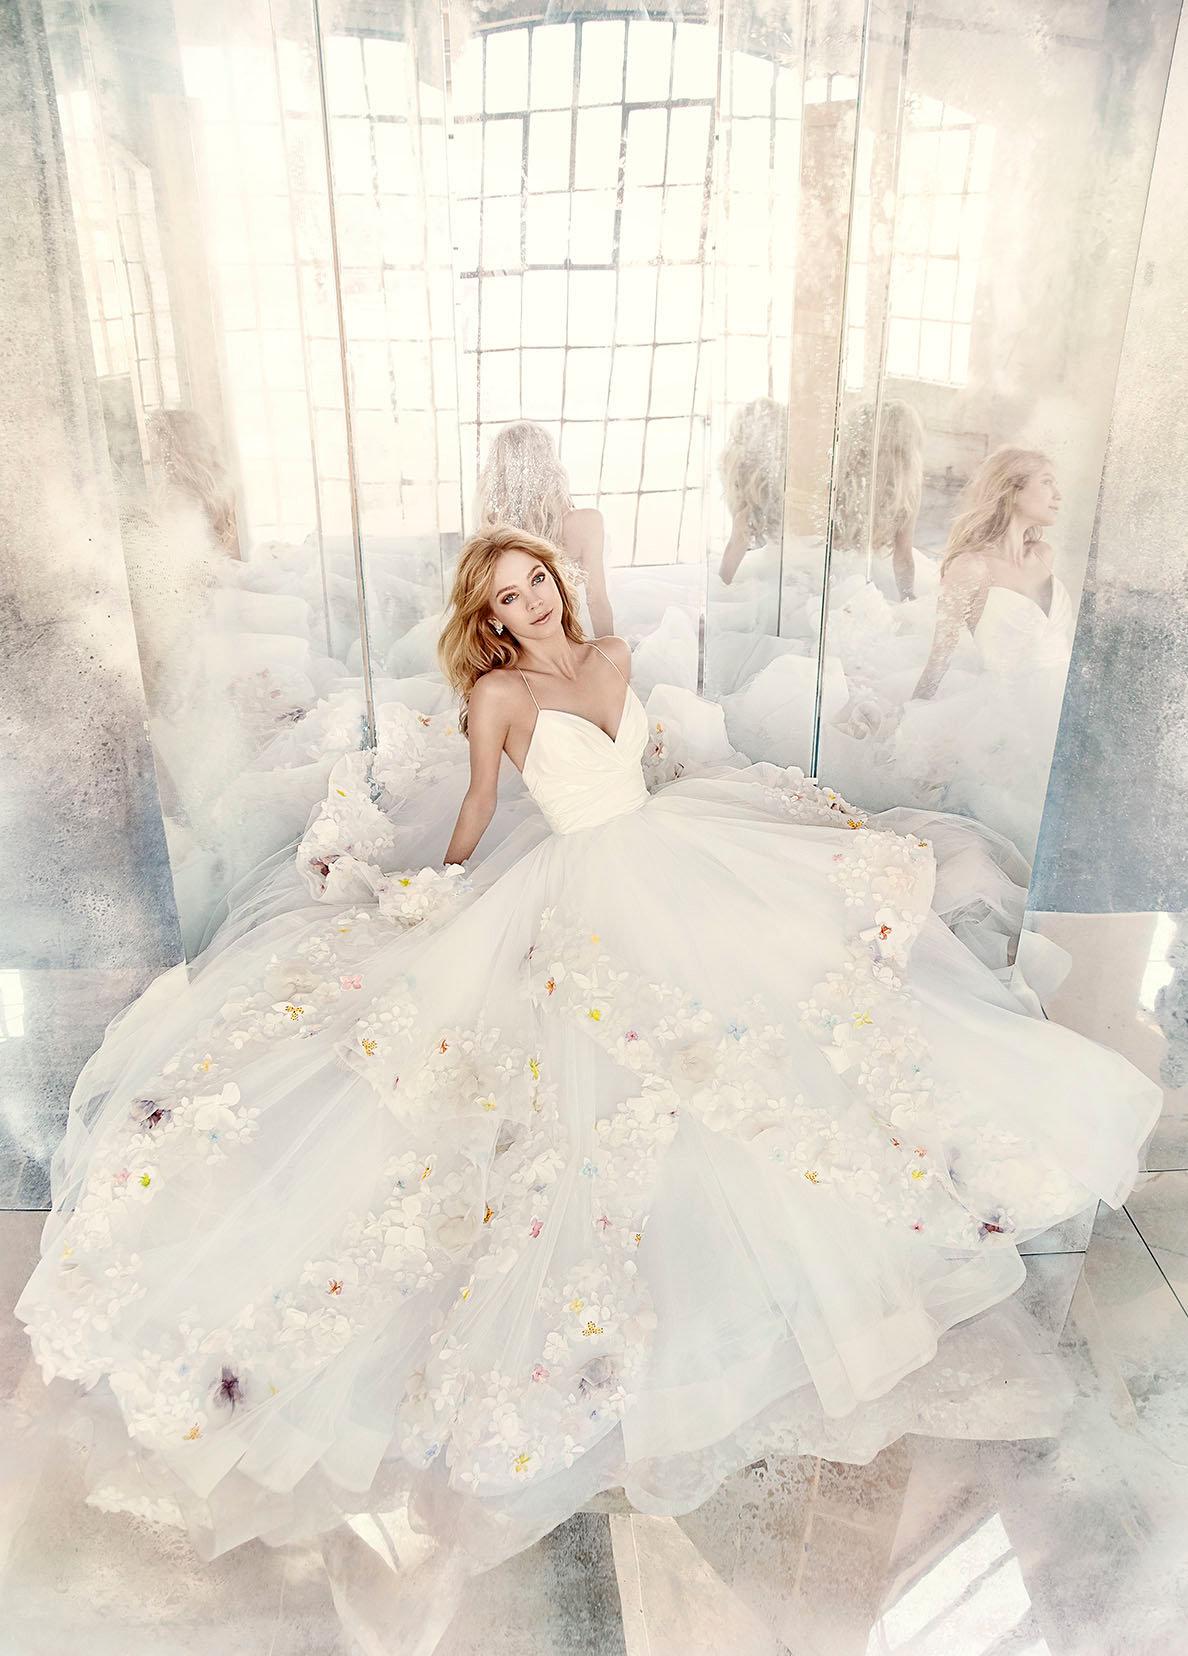 9 Unique Hayley Paige Wedding Dresses | BravoBride